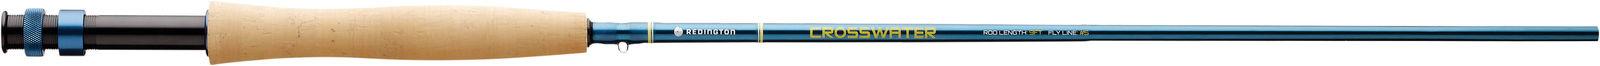 Redington Fly Products Redington Crosswater Rod w/ Bag 5w